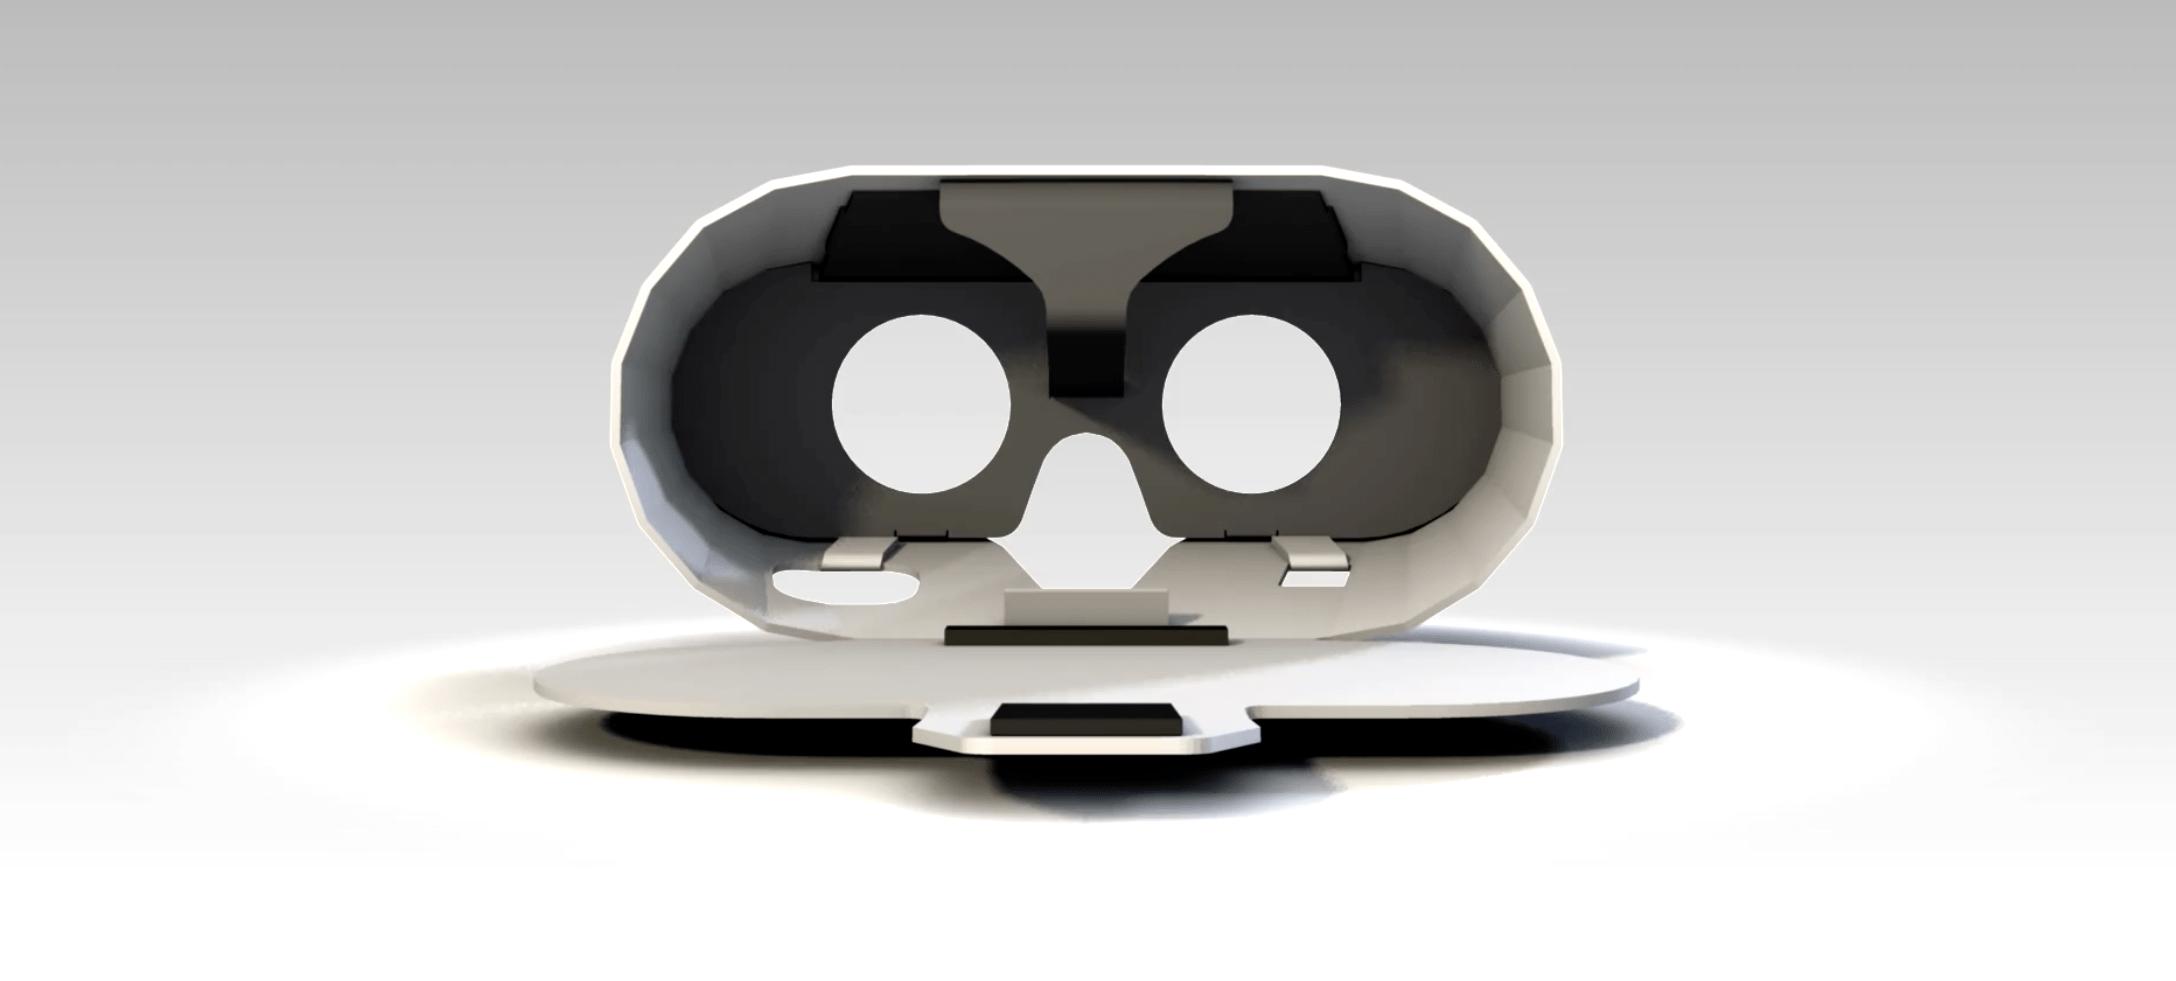 VRnocular VR Cardboard Viewer